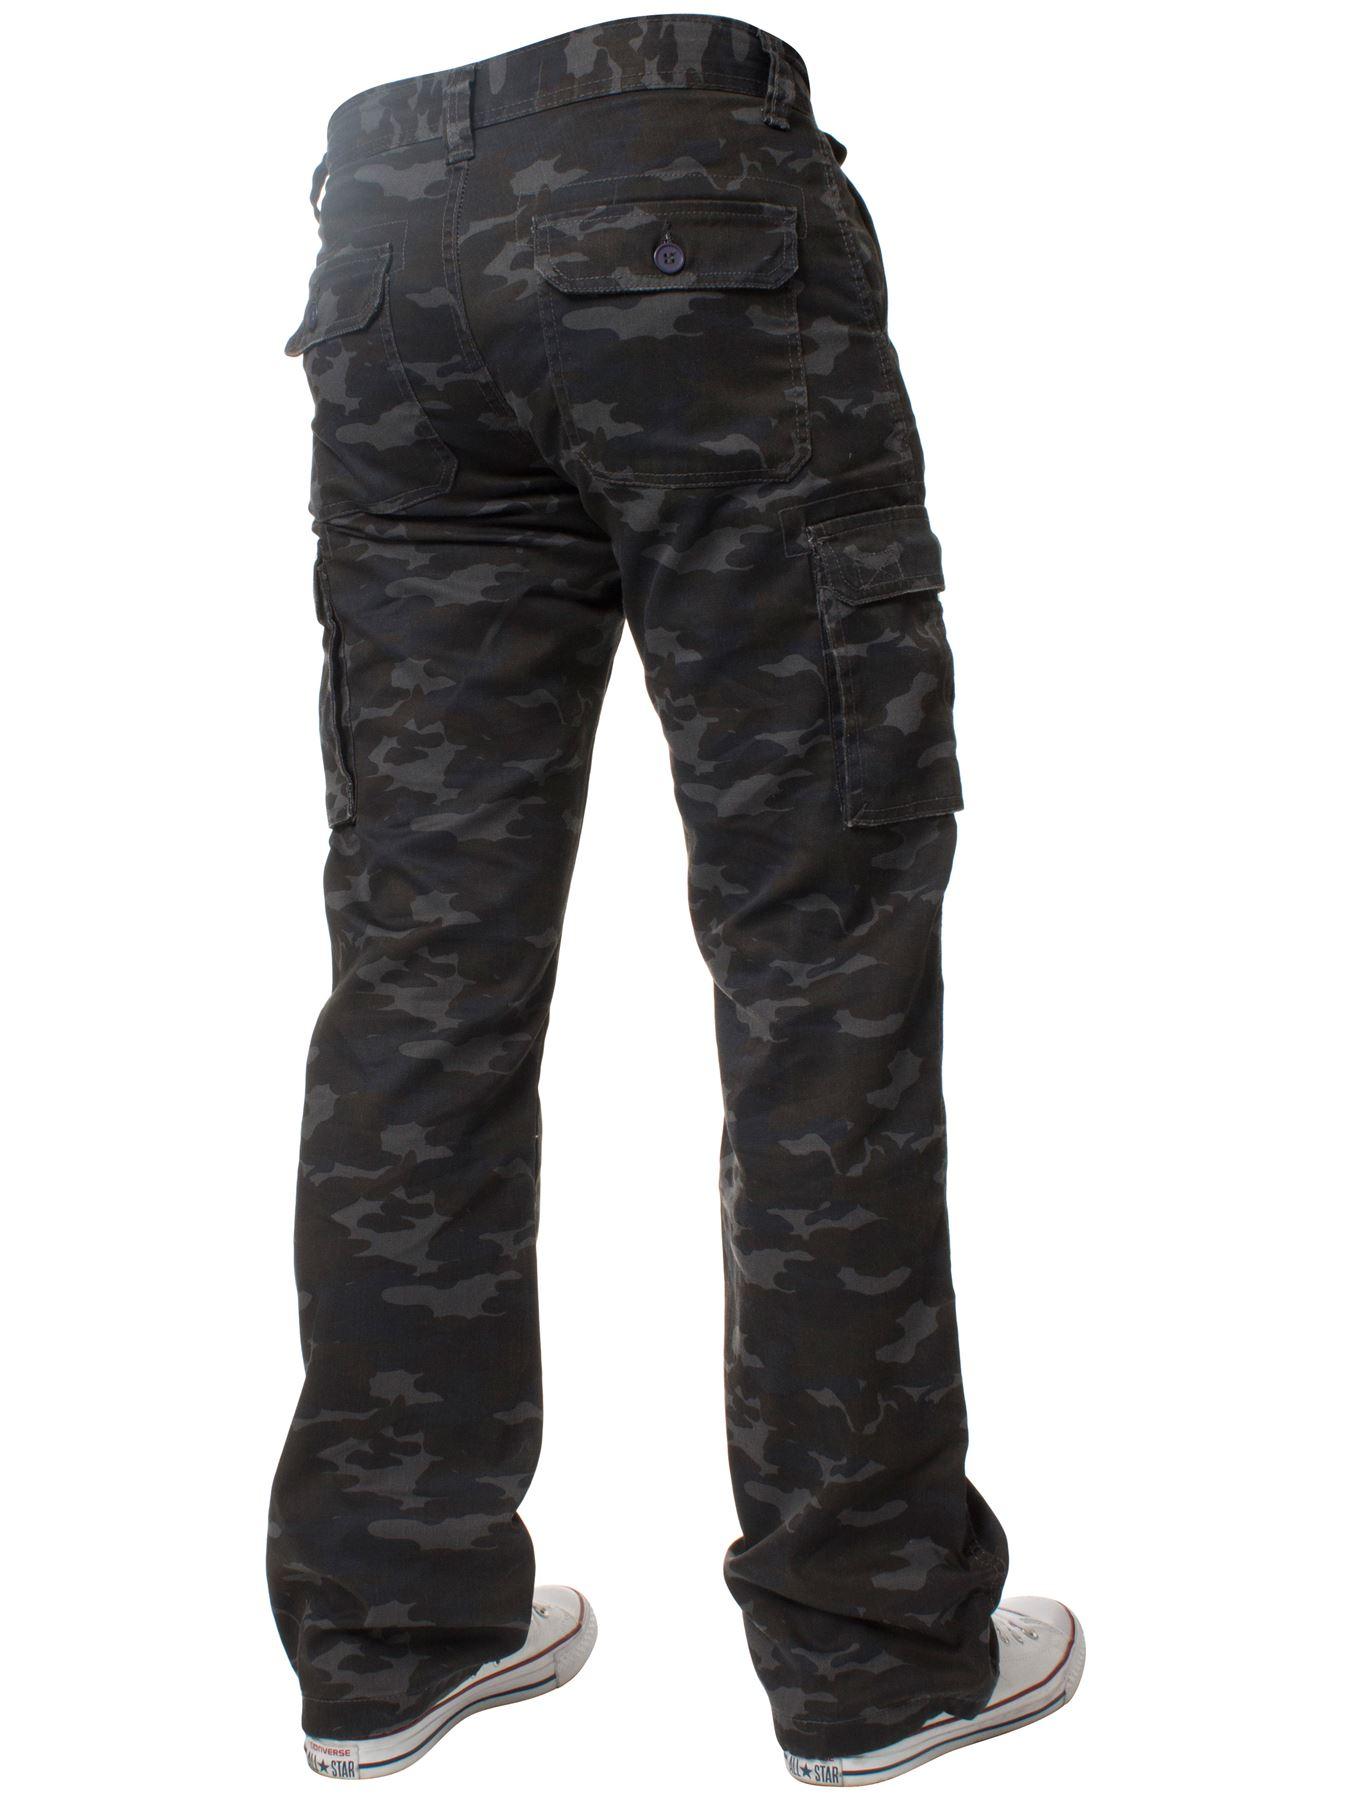 Kruze-Uomo-Militare-Pantaloni-Camouflage-Cargo-Mimetico-Casual-Lavoro miniatura 32